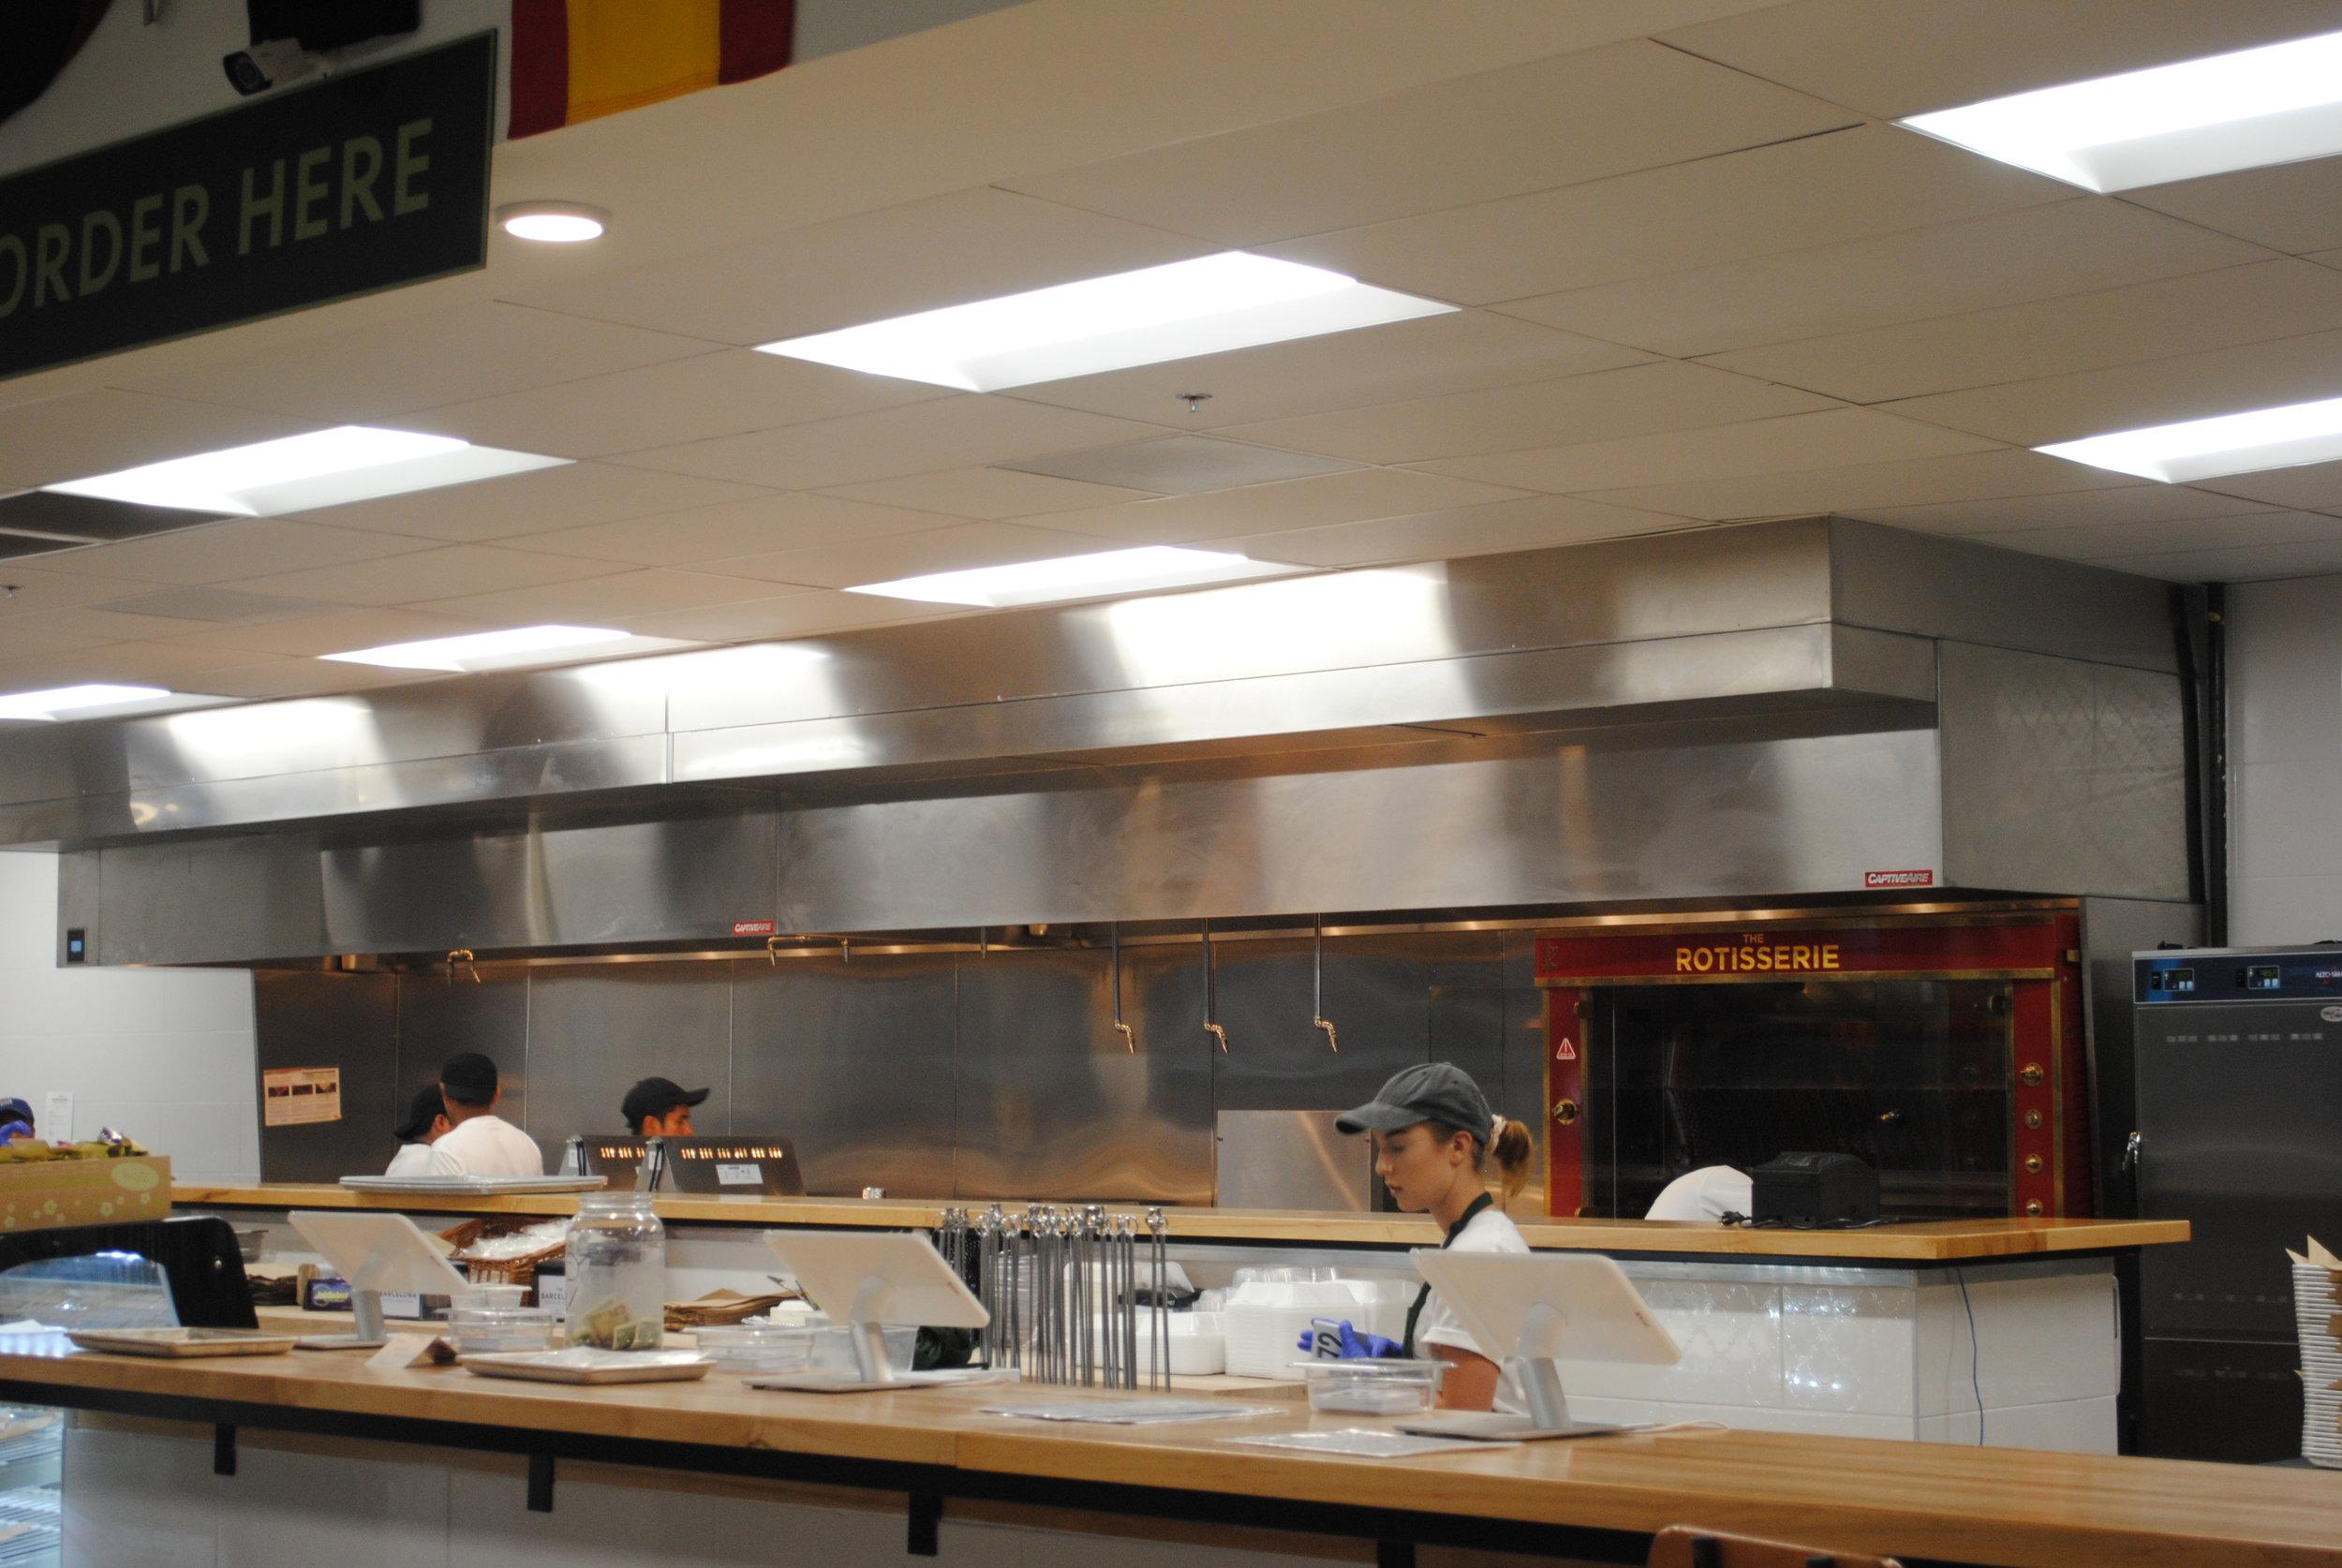 The kitchen team hard at work